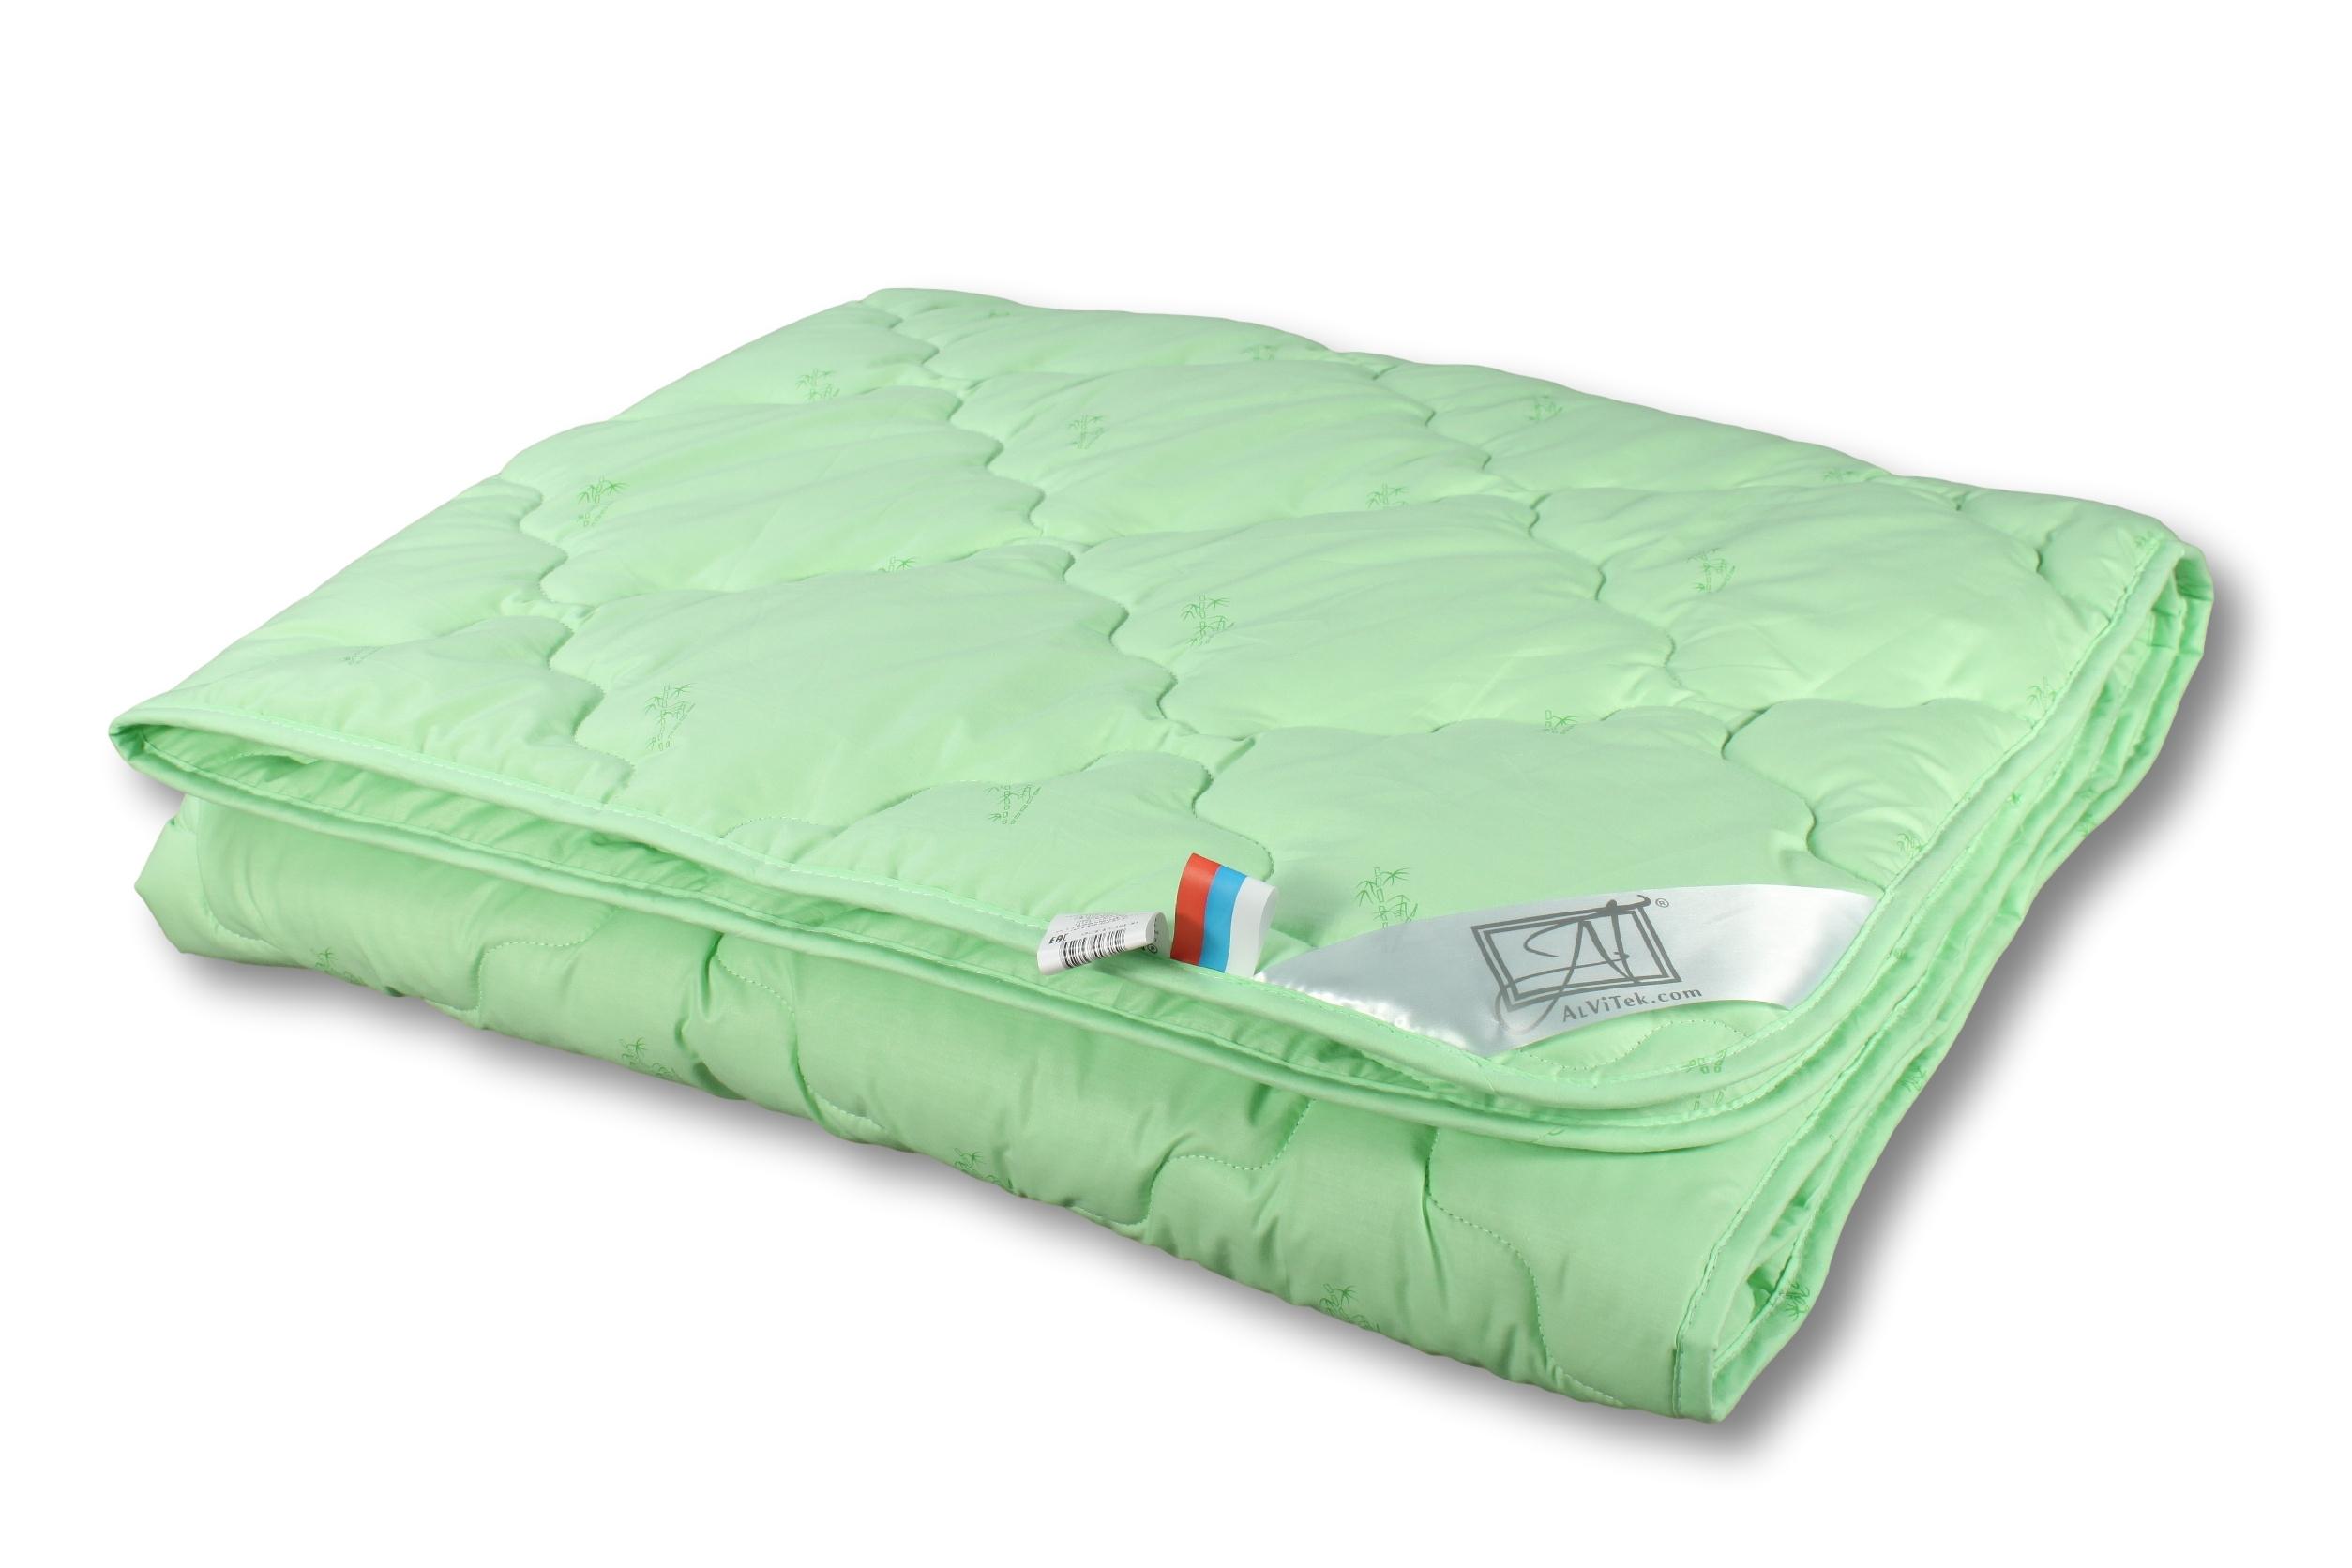 Купить Покрывала, подушки, одеяла AlViTek, Детское одеяло Бамбук-Лето-Стандарт Летнее (105х140 см), Россия, Зеленый, Перкаль